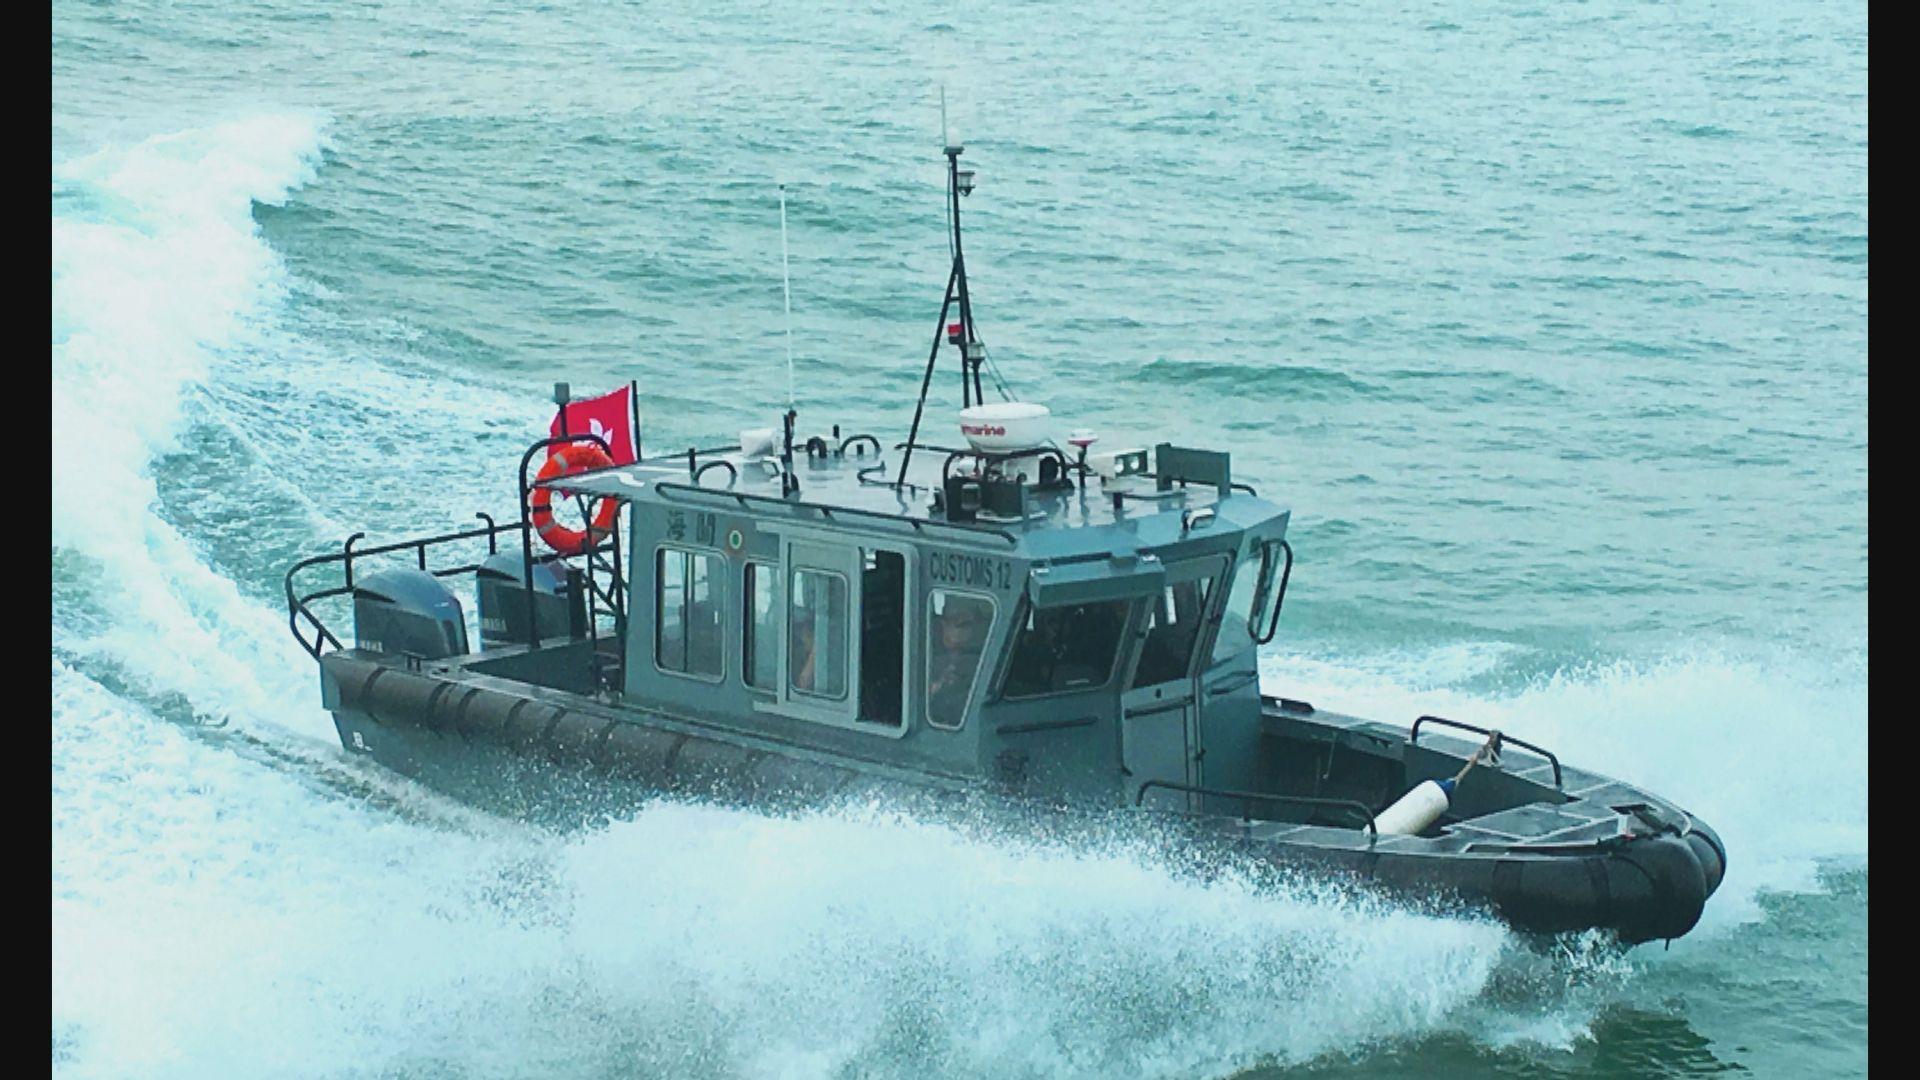 李家超:海關巡邏船因受到撞擊而出事